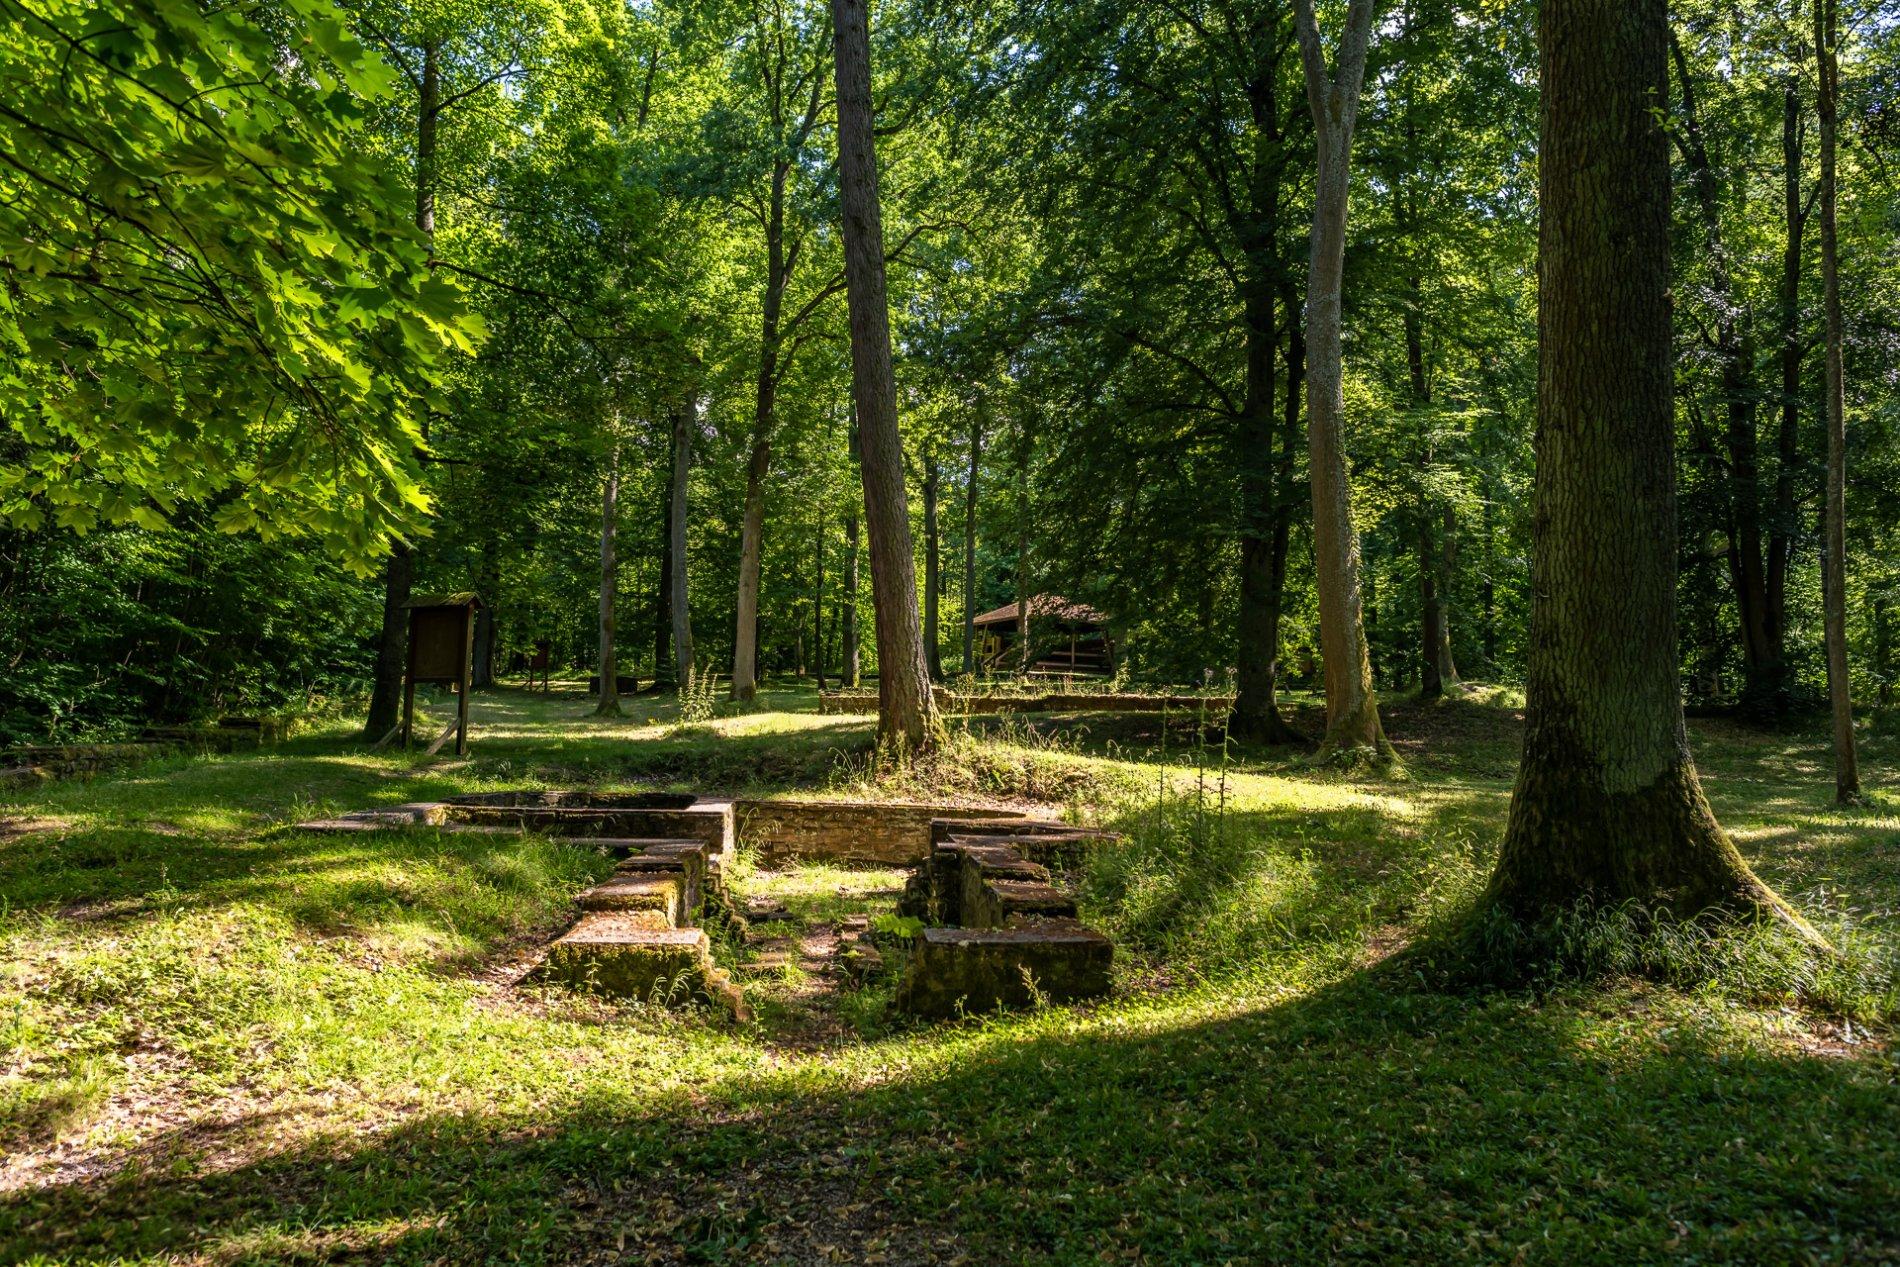 Römische Mauerreste im sonnigen Wald mit viel Wiese